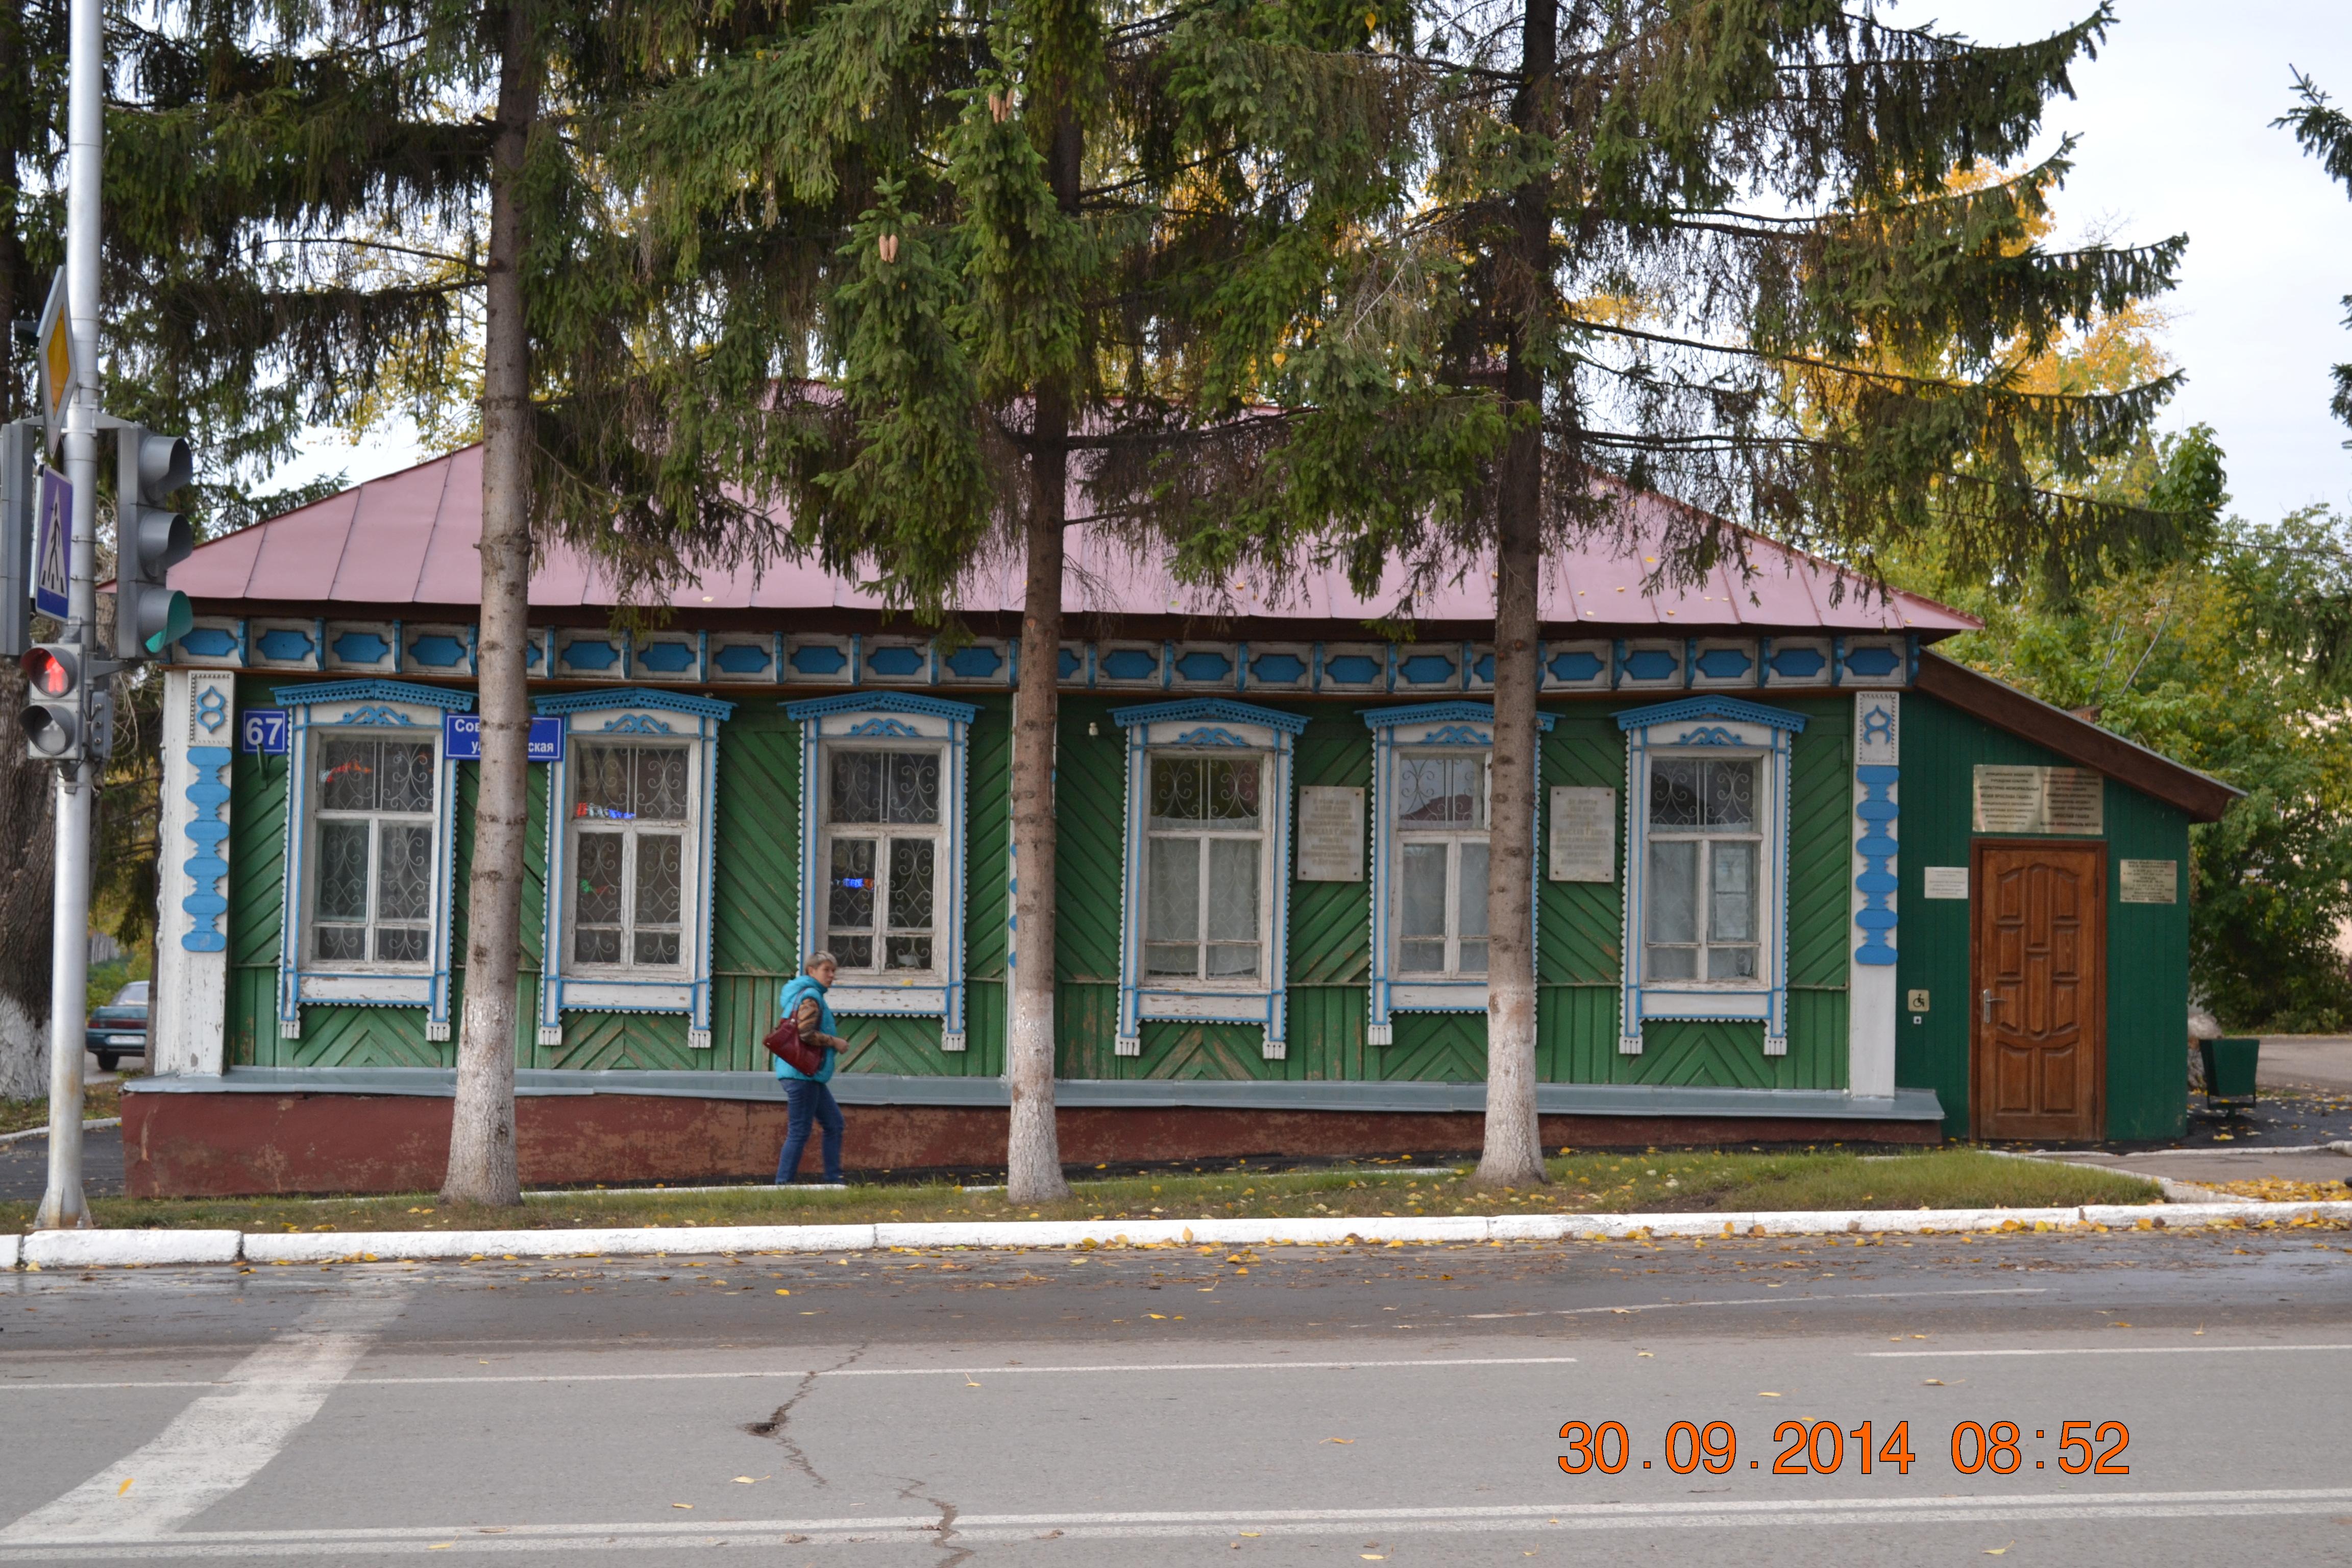 Дом, в котором в 1918 г. жил и работал помощником коменданта города Бугульмы чешский писатель Ярослав Гашек. В доме музей Ярослава Гашека